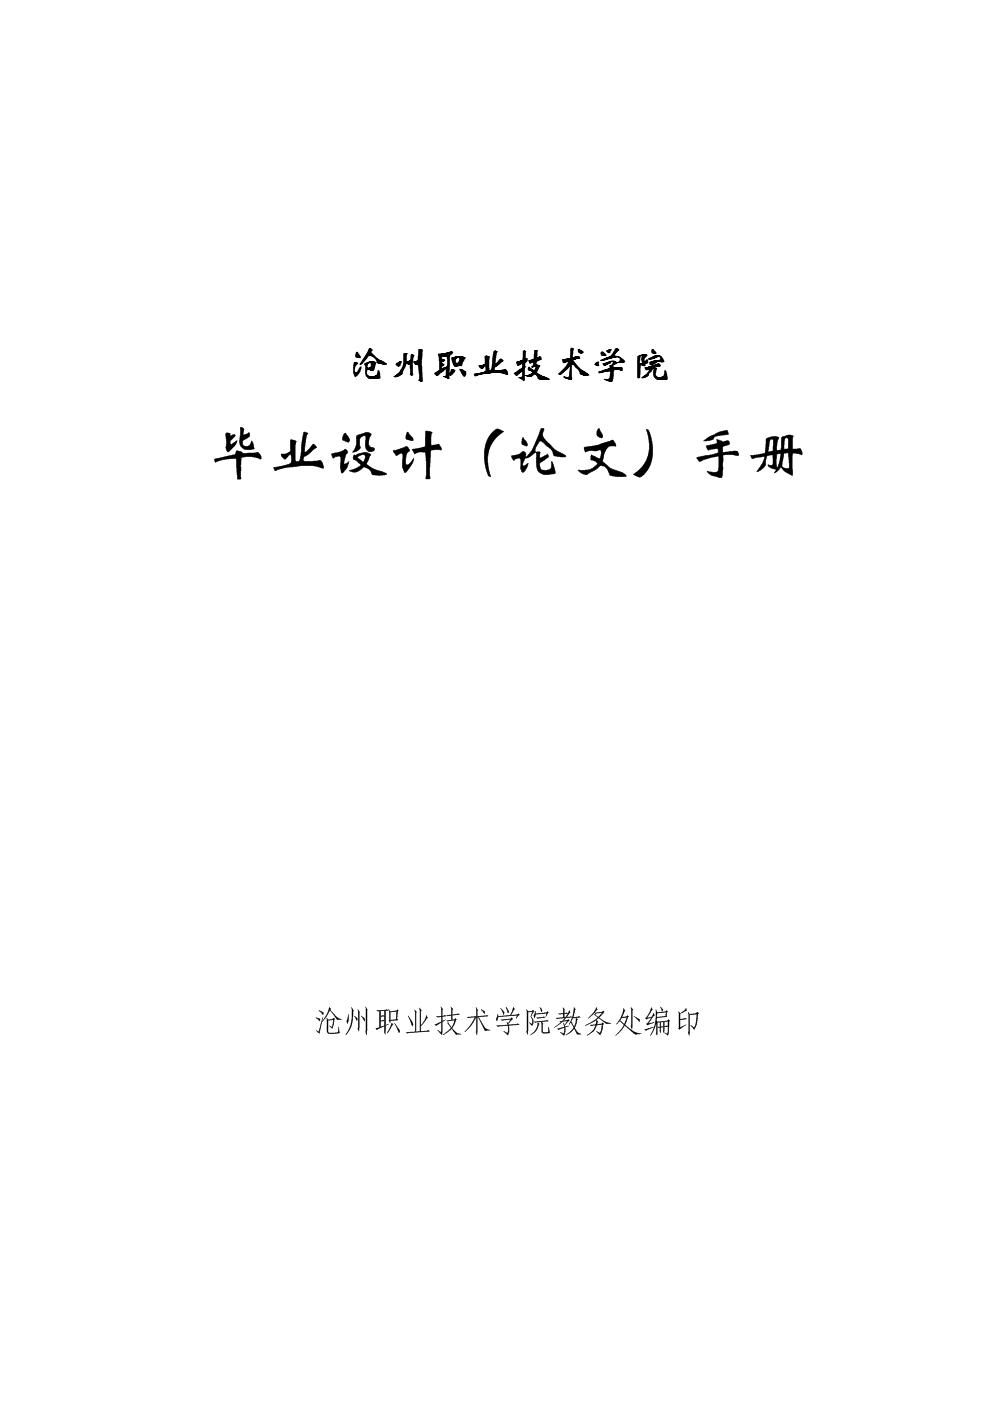 连接座模具开题报告.doc